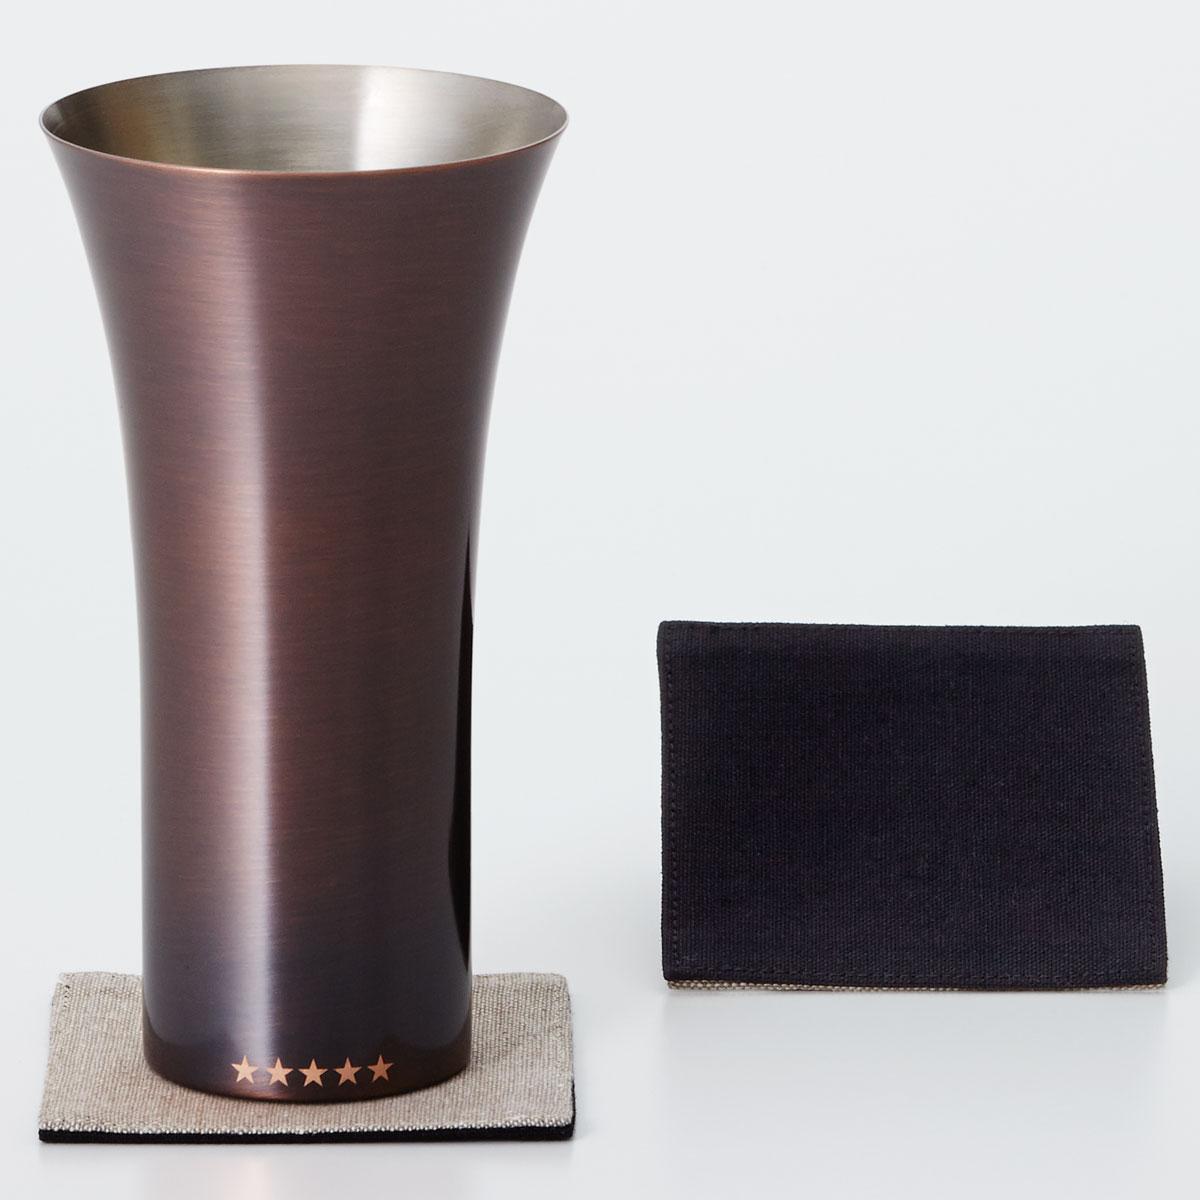 タンブラー WDH 純銅製タンブラー 380ml 銅製品 ダブリューディーエイチ ビールグラス ブラウン